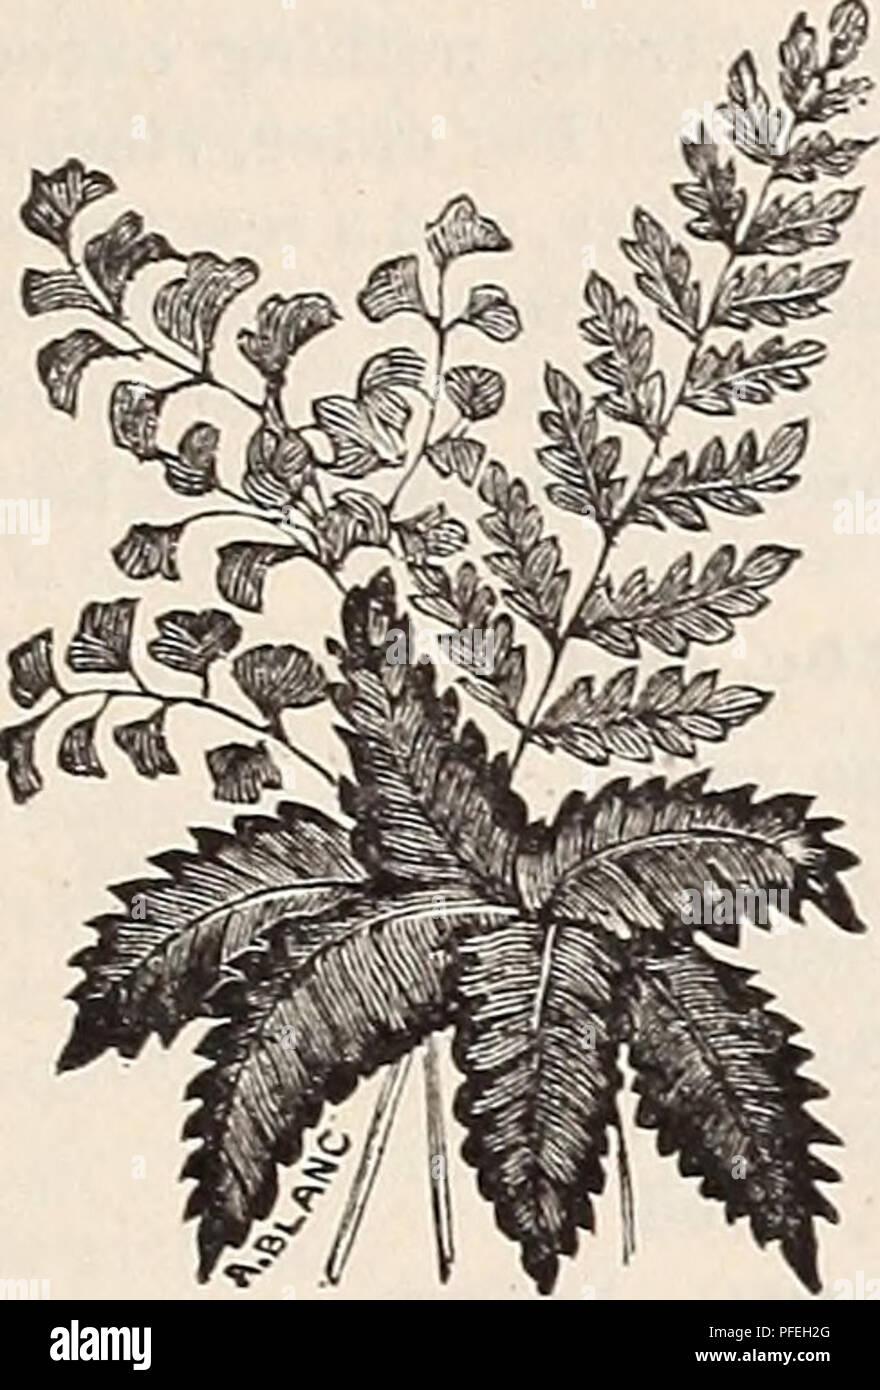 Nachdenklich Winterharter Schwarzer Mauibeerbaum Wird 15 Meter Hoch Pflanzen, Sämereien & Zwiebeln